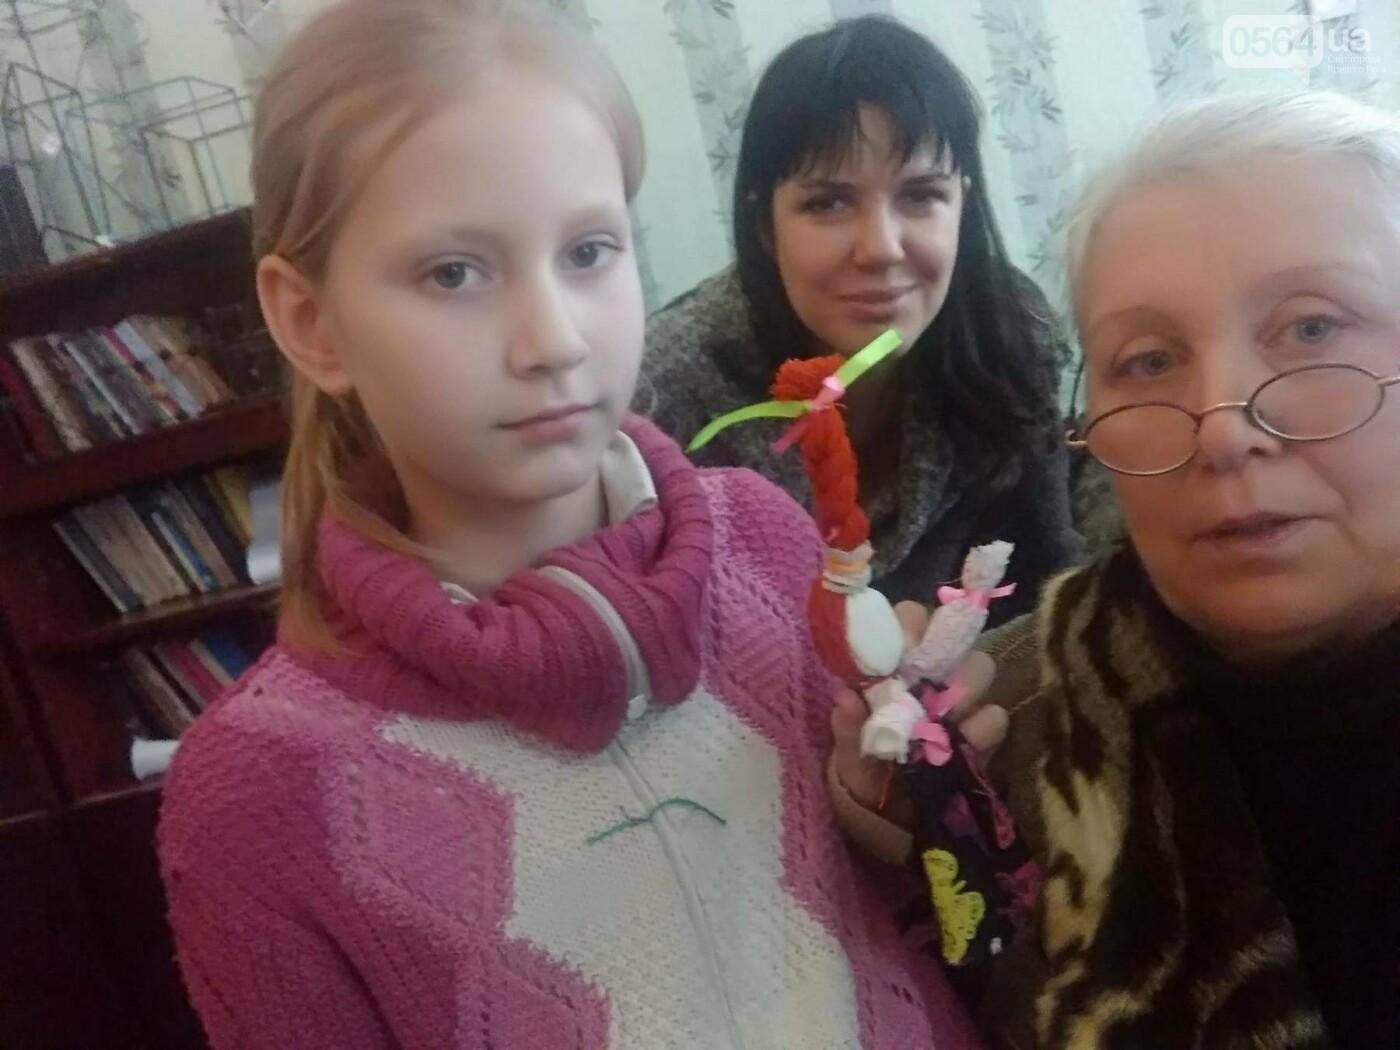 Как изготовить Веснянку? В криворожской школе известная мастерица обучала детей и взрослых премудростям рукоделия (ФОТО), фото-2